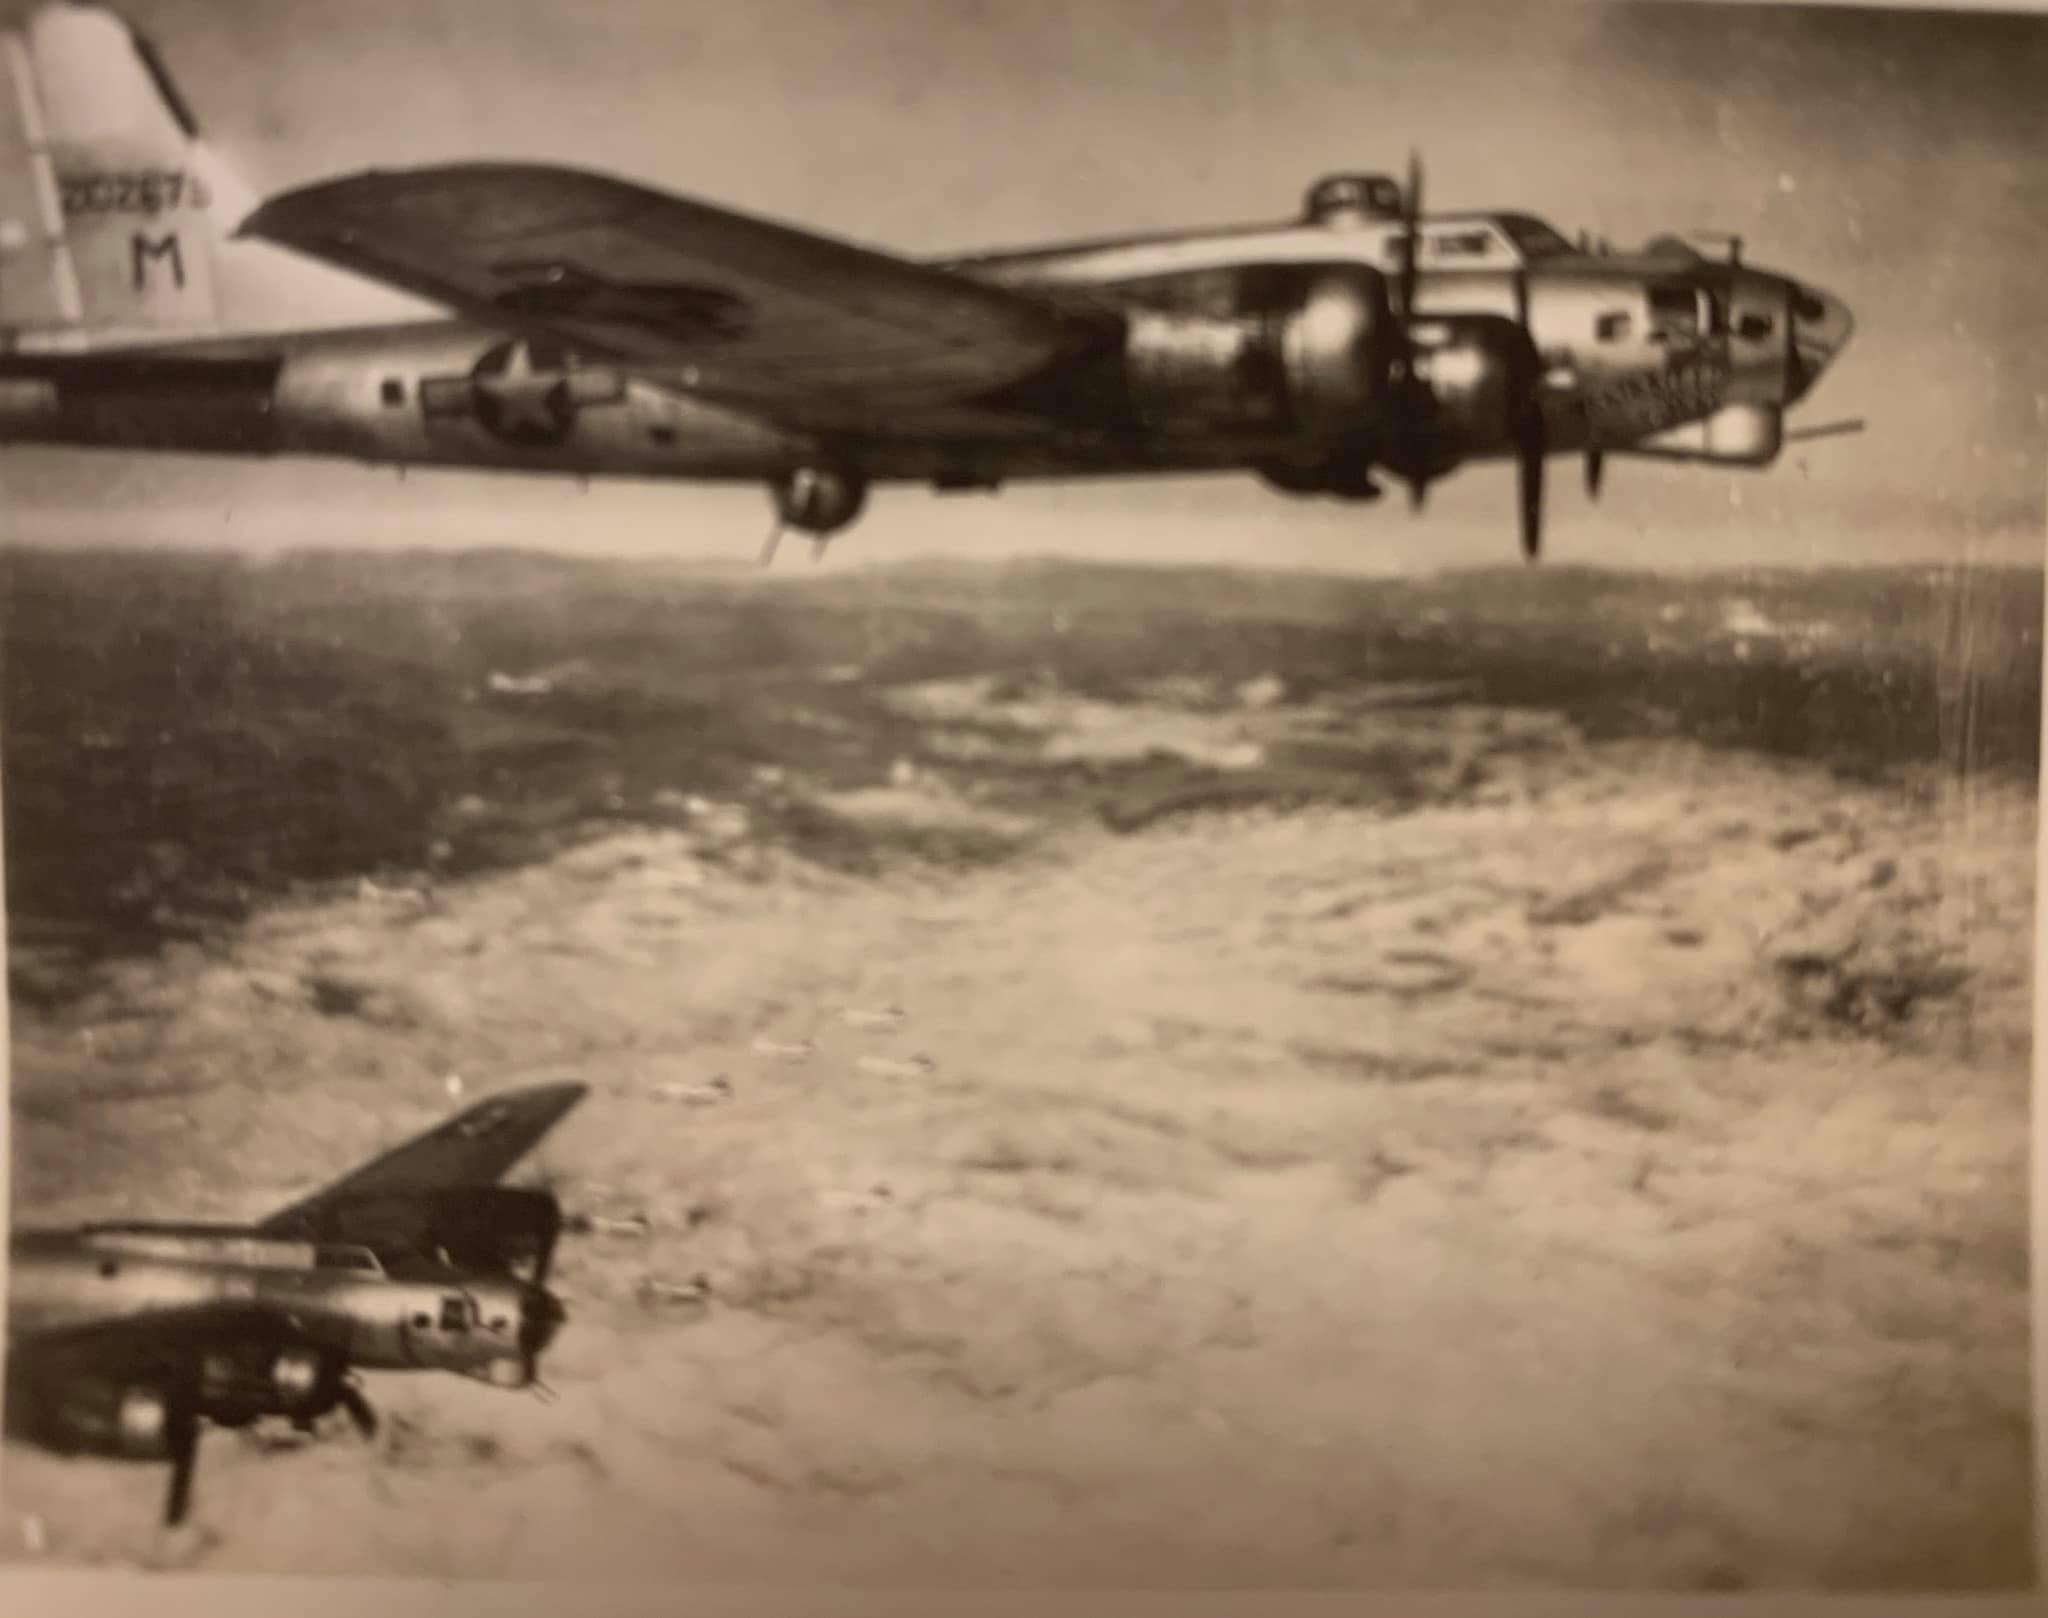 B-17 #42-102679 / Mississippi Miss